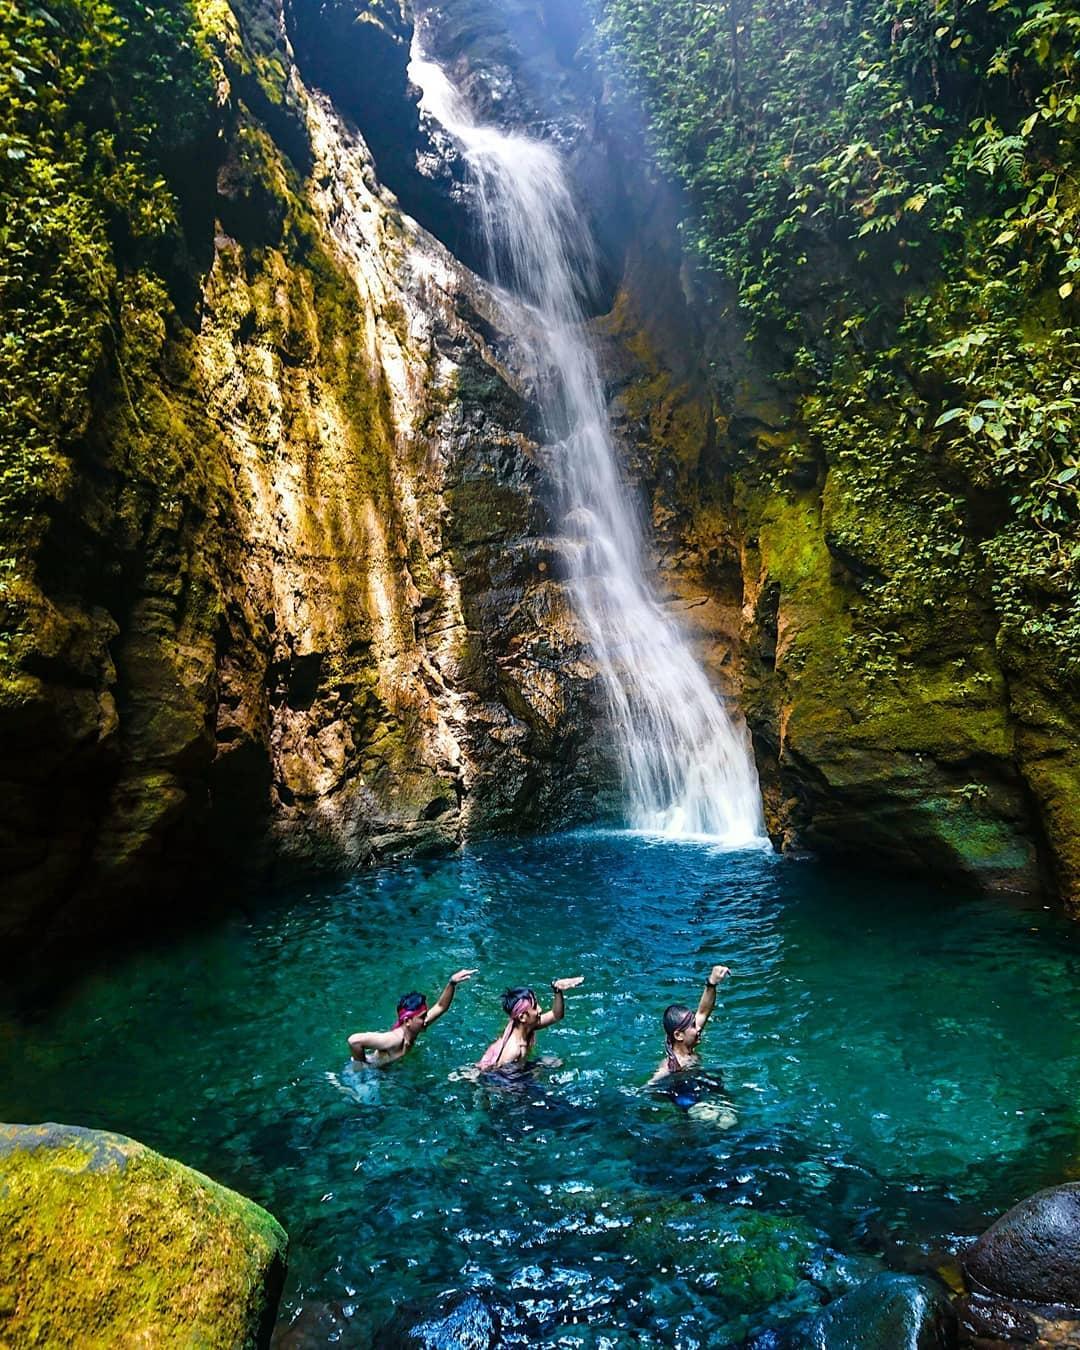 Berenang Di Air Terjun Walet Bogor Image From @nafisfauzan_